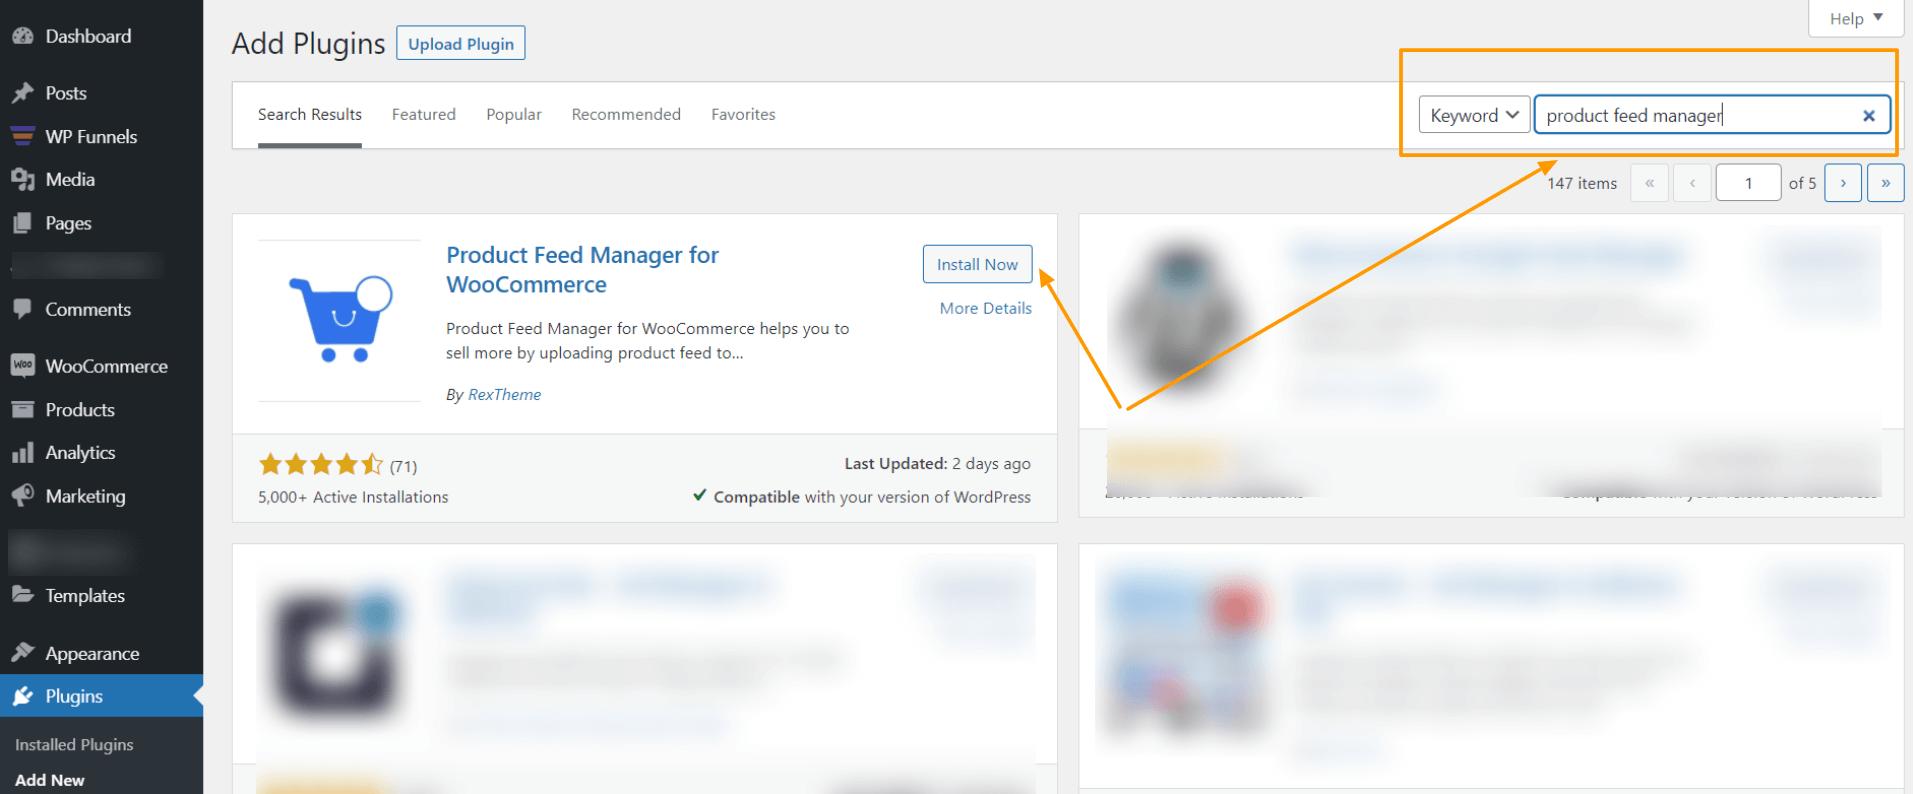 WordPress Dashboard - Search For Plugin